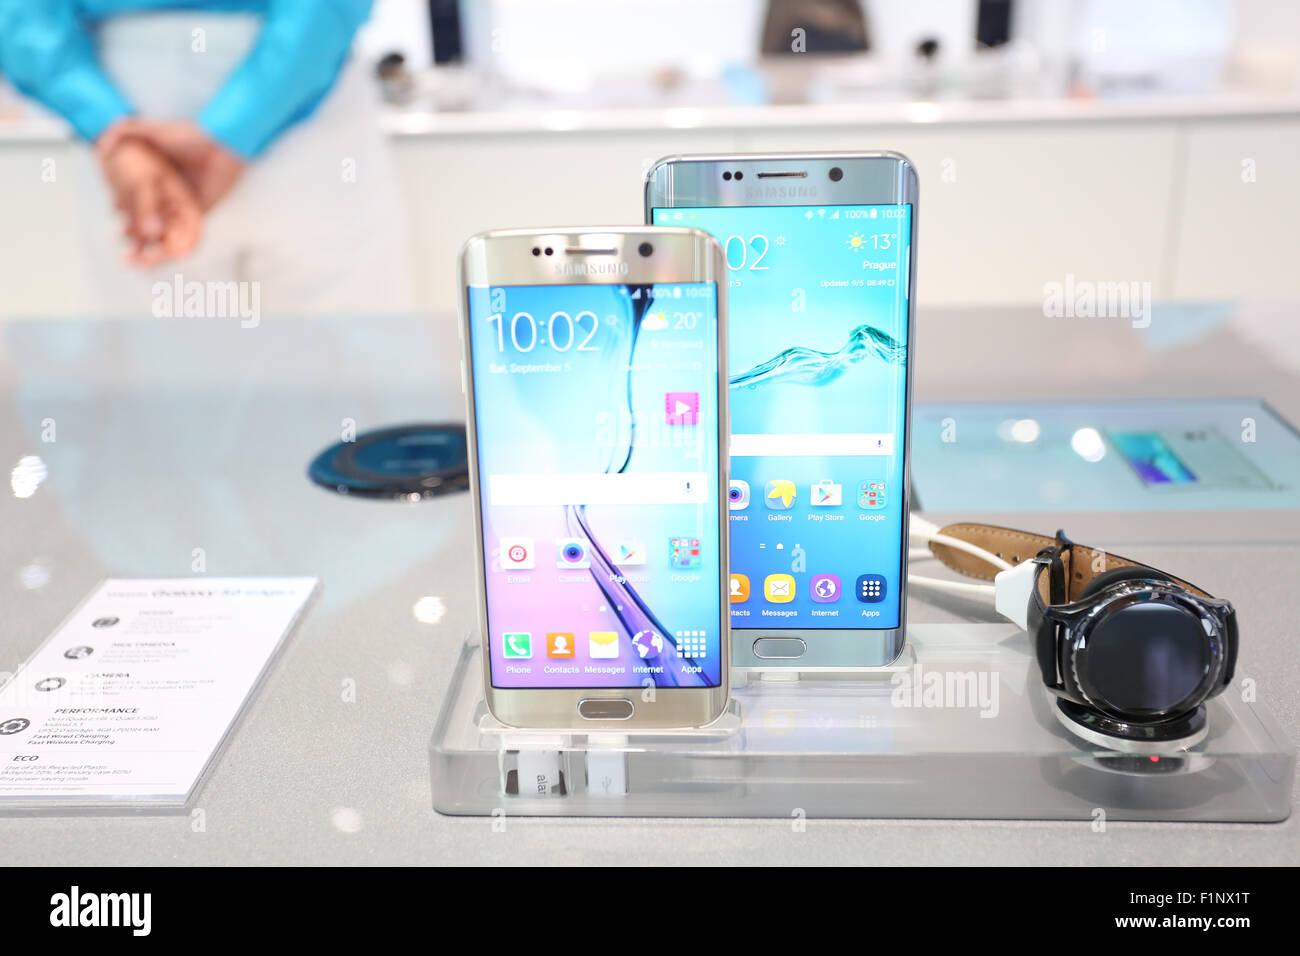 Berlino, Germania, 5 settembre, 2015: Samsung presenta l' impresa smartphone recenti Samsung Galaxy S6+ di bordo Immagini Stock